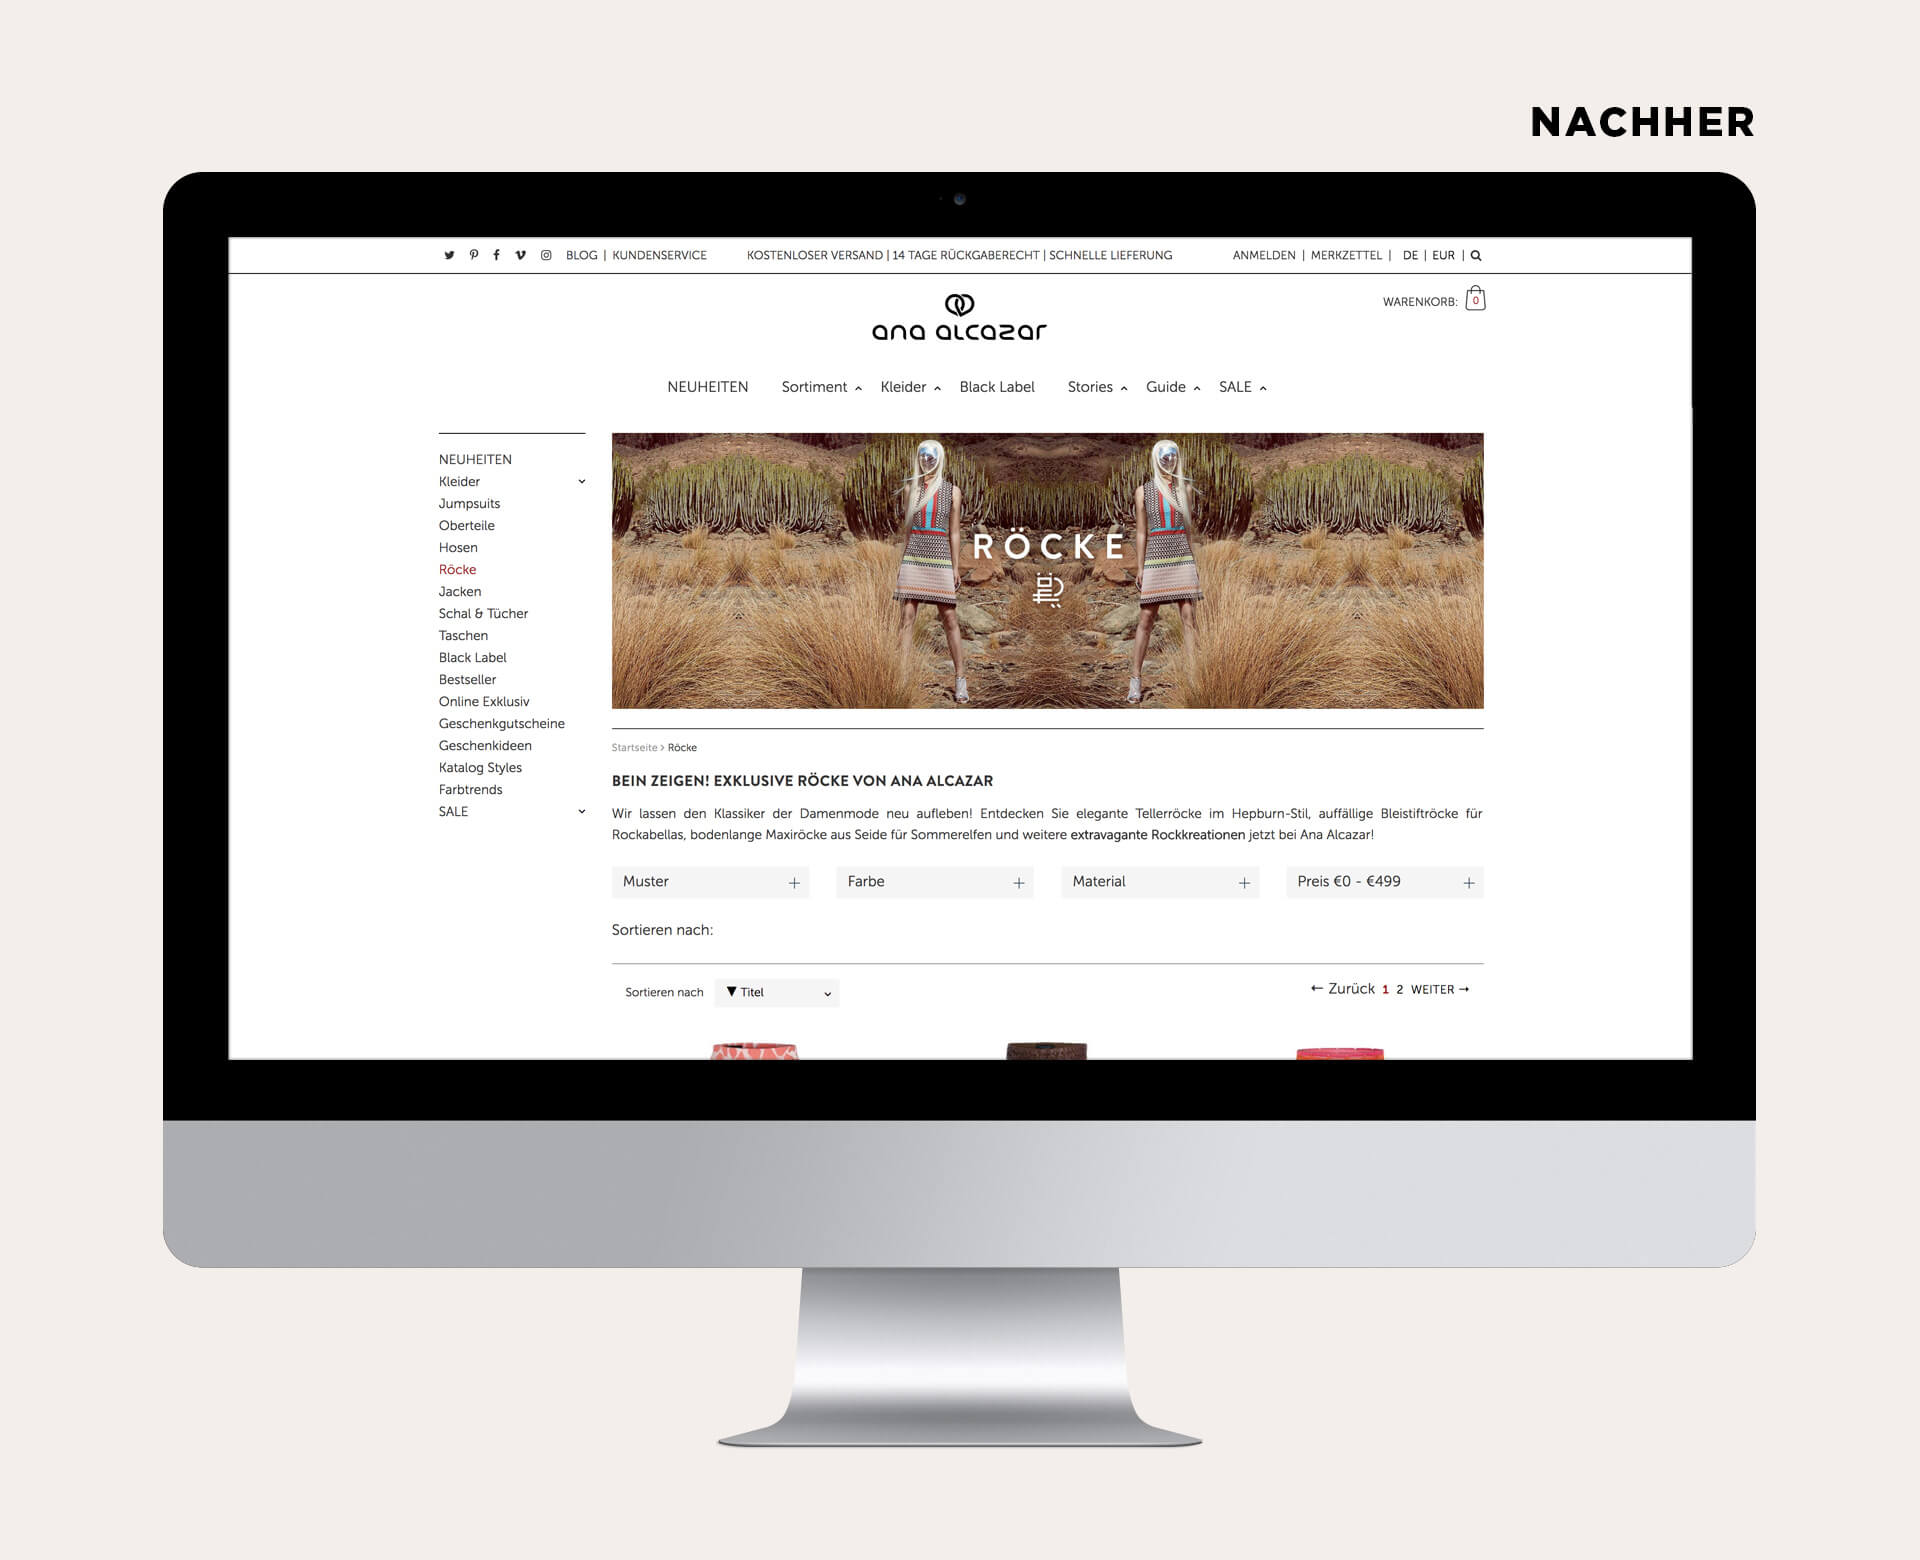 Abbildung Webseite neu